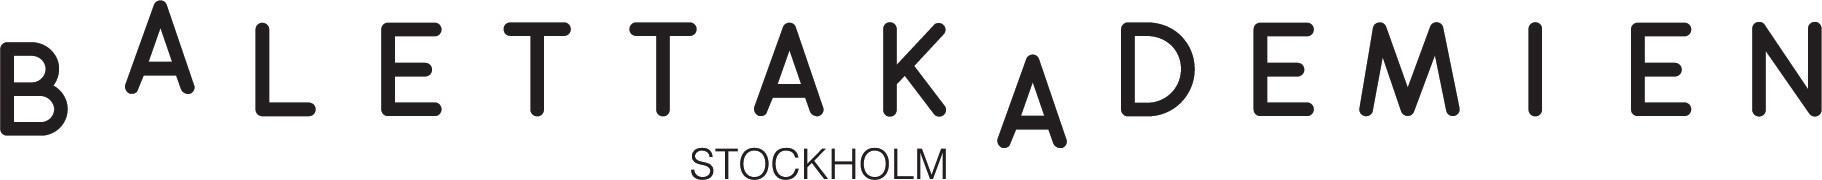 balettakademien_stockholm_black_logo